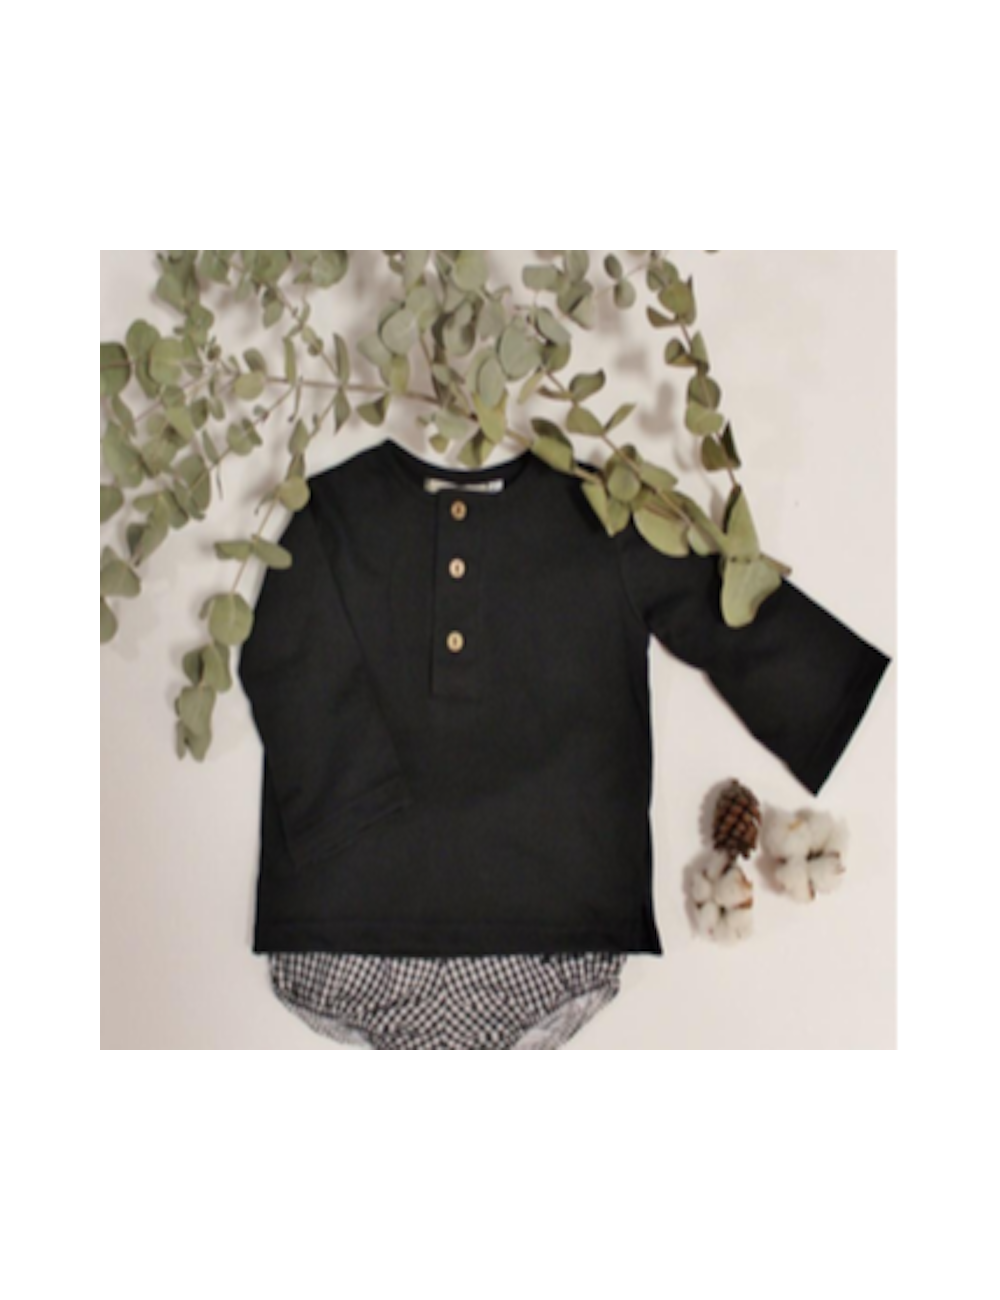 Camiseta negra de negro cuello mao con botones de El tocador de Victoria